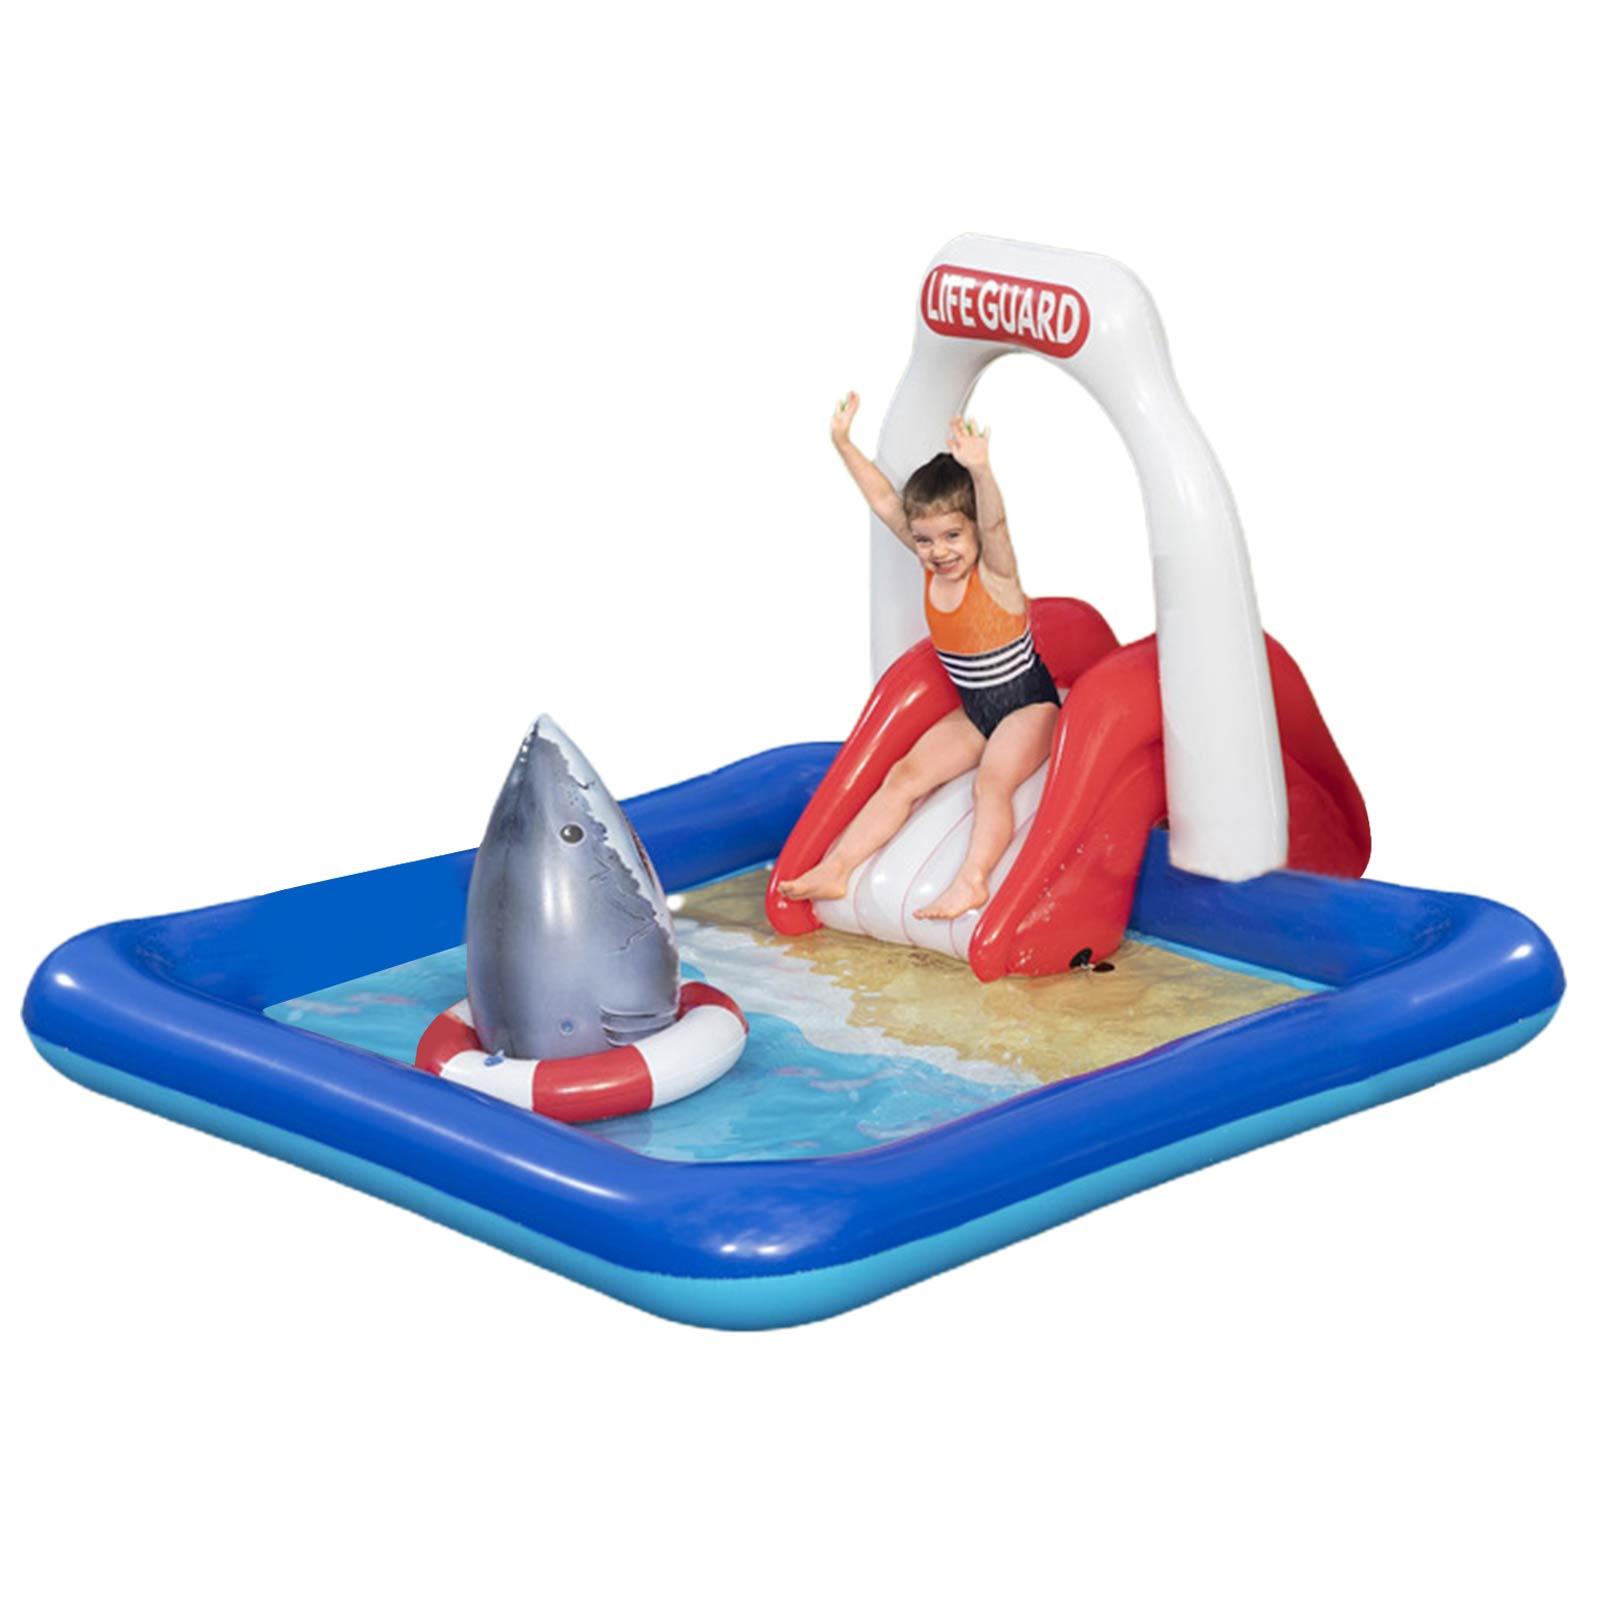 حمام سباحة قابل للنفخ لعبة مركز سميك كرة أوشن بركة خارجيّ قابل للنفخ ترفيه أطفال ماء متنزه لعبة